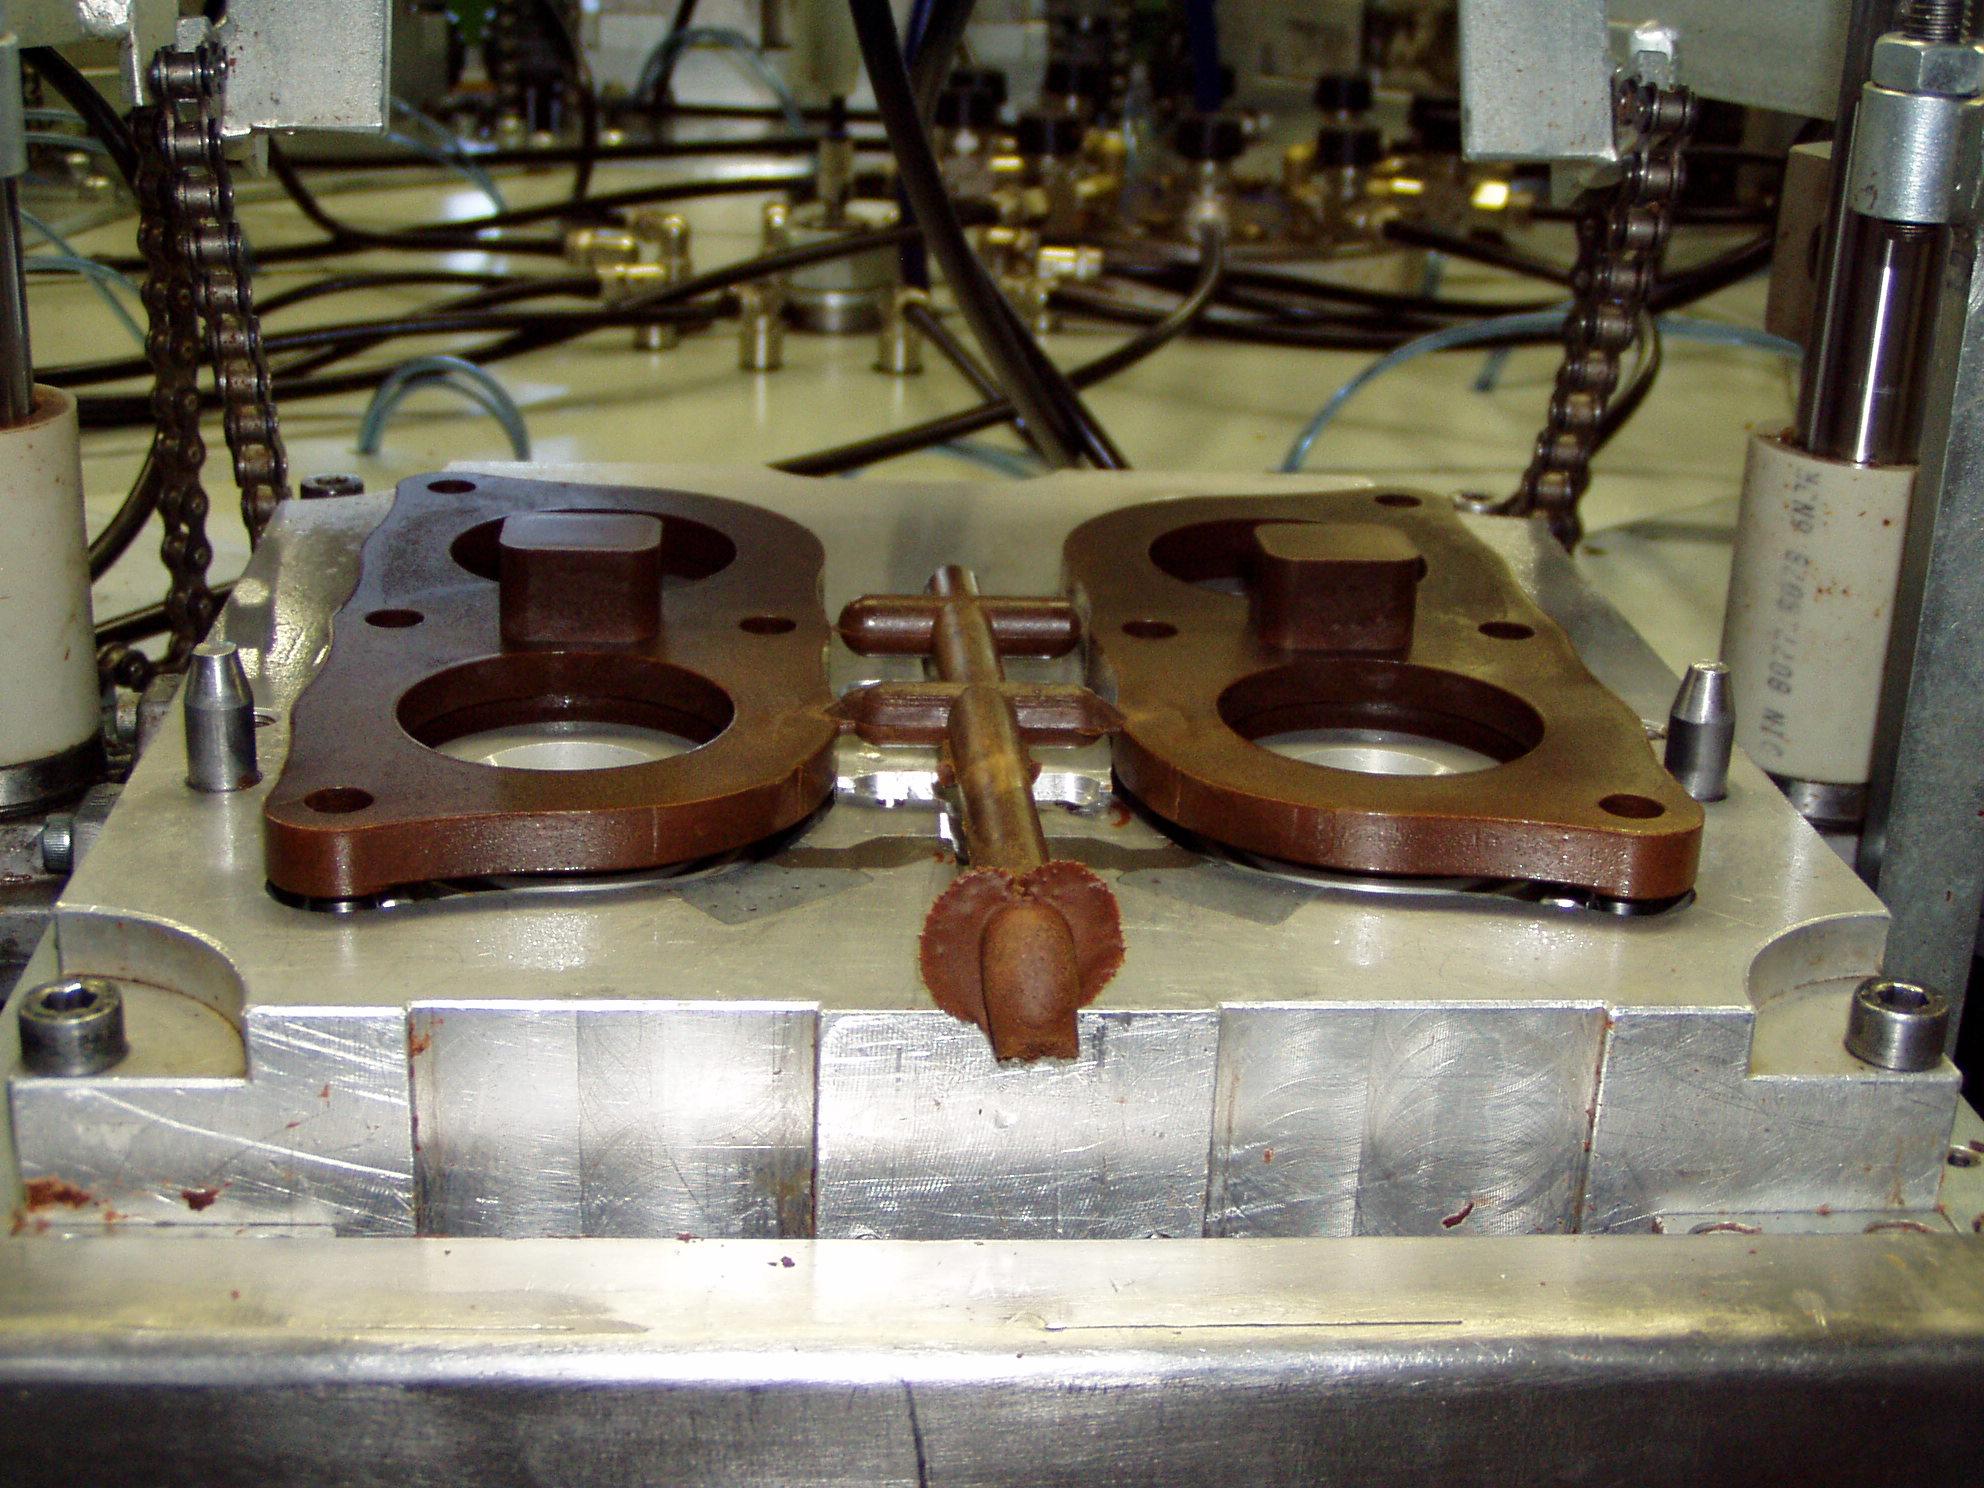 Přesné lití odlitků ze slévárny přesného lití - kvalitní a přesné odlitky z oceli a dalších kovů